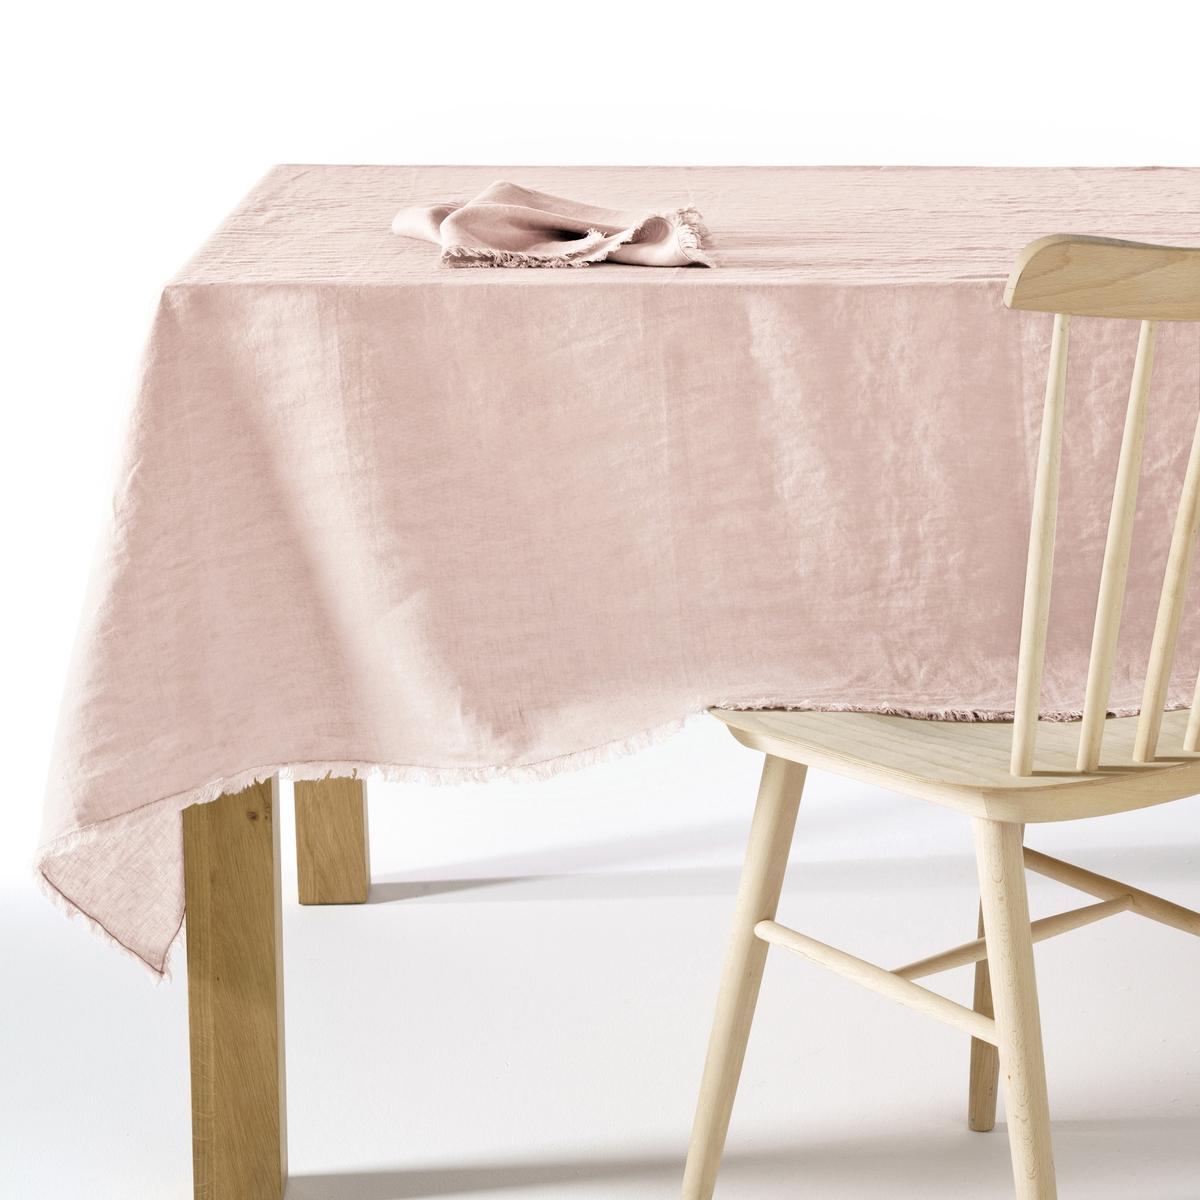 Скатерть из стиранного льна, YastigiСкатерть Yastigi. Скатерть, сочетающая натуральную мягкость стиранного льна и изысканность отделки бахромой Столовые салфетки Yastigi из комплекта продаются на нашем сайте . Материал : - 100% стираный лен<br><br>Цвет: белый,бледно-розовый,серо-бежевый,серый